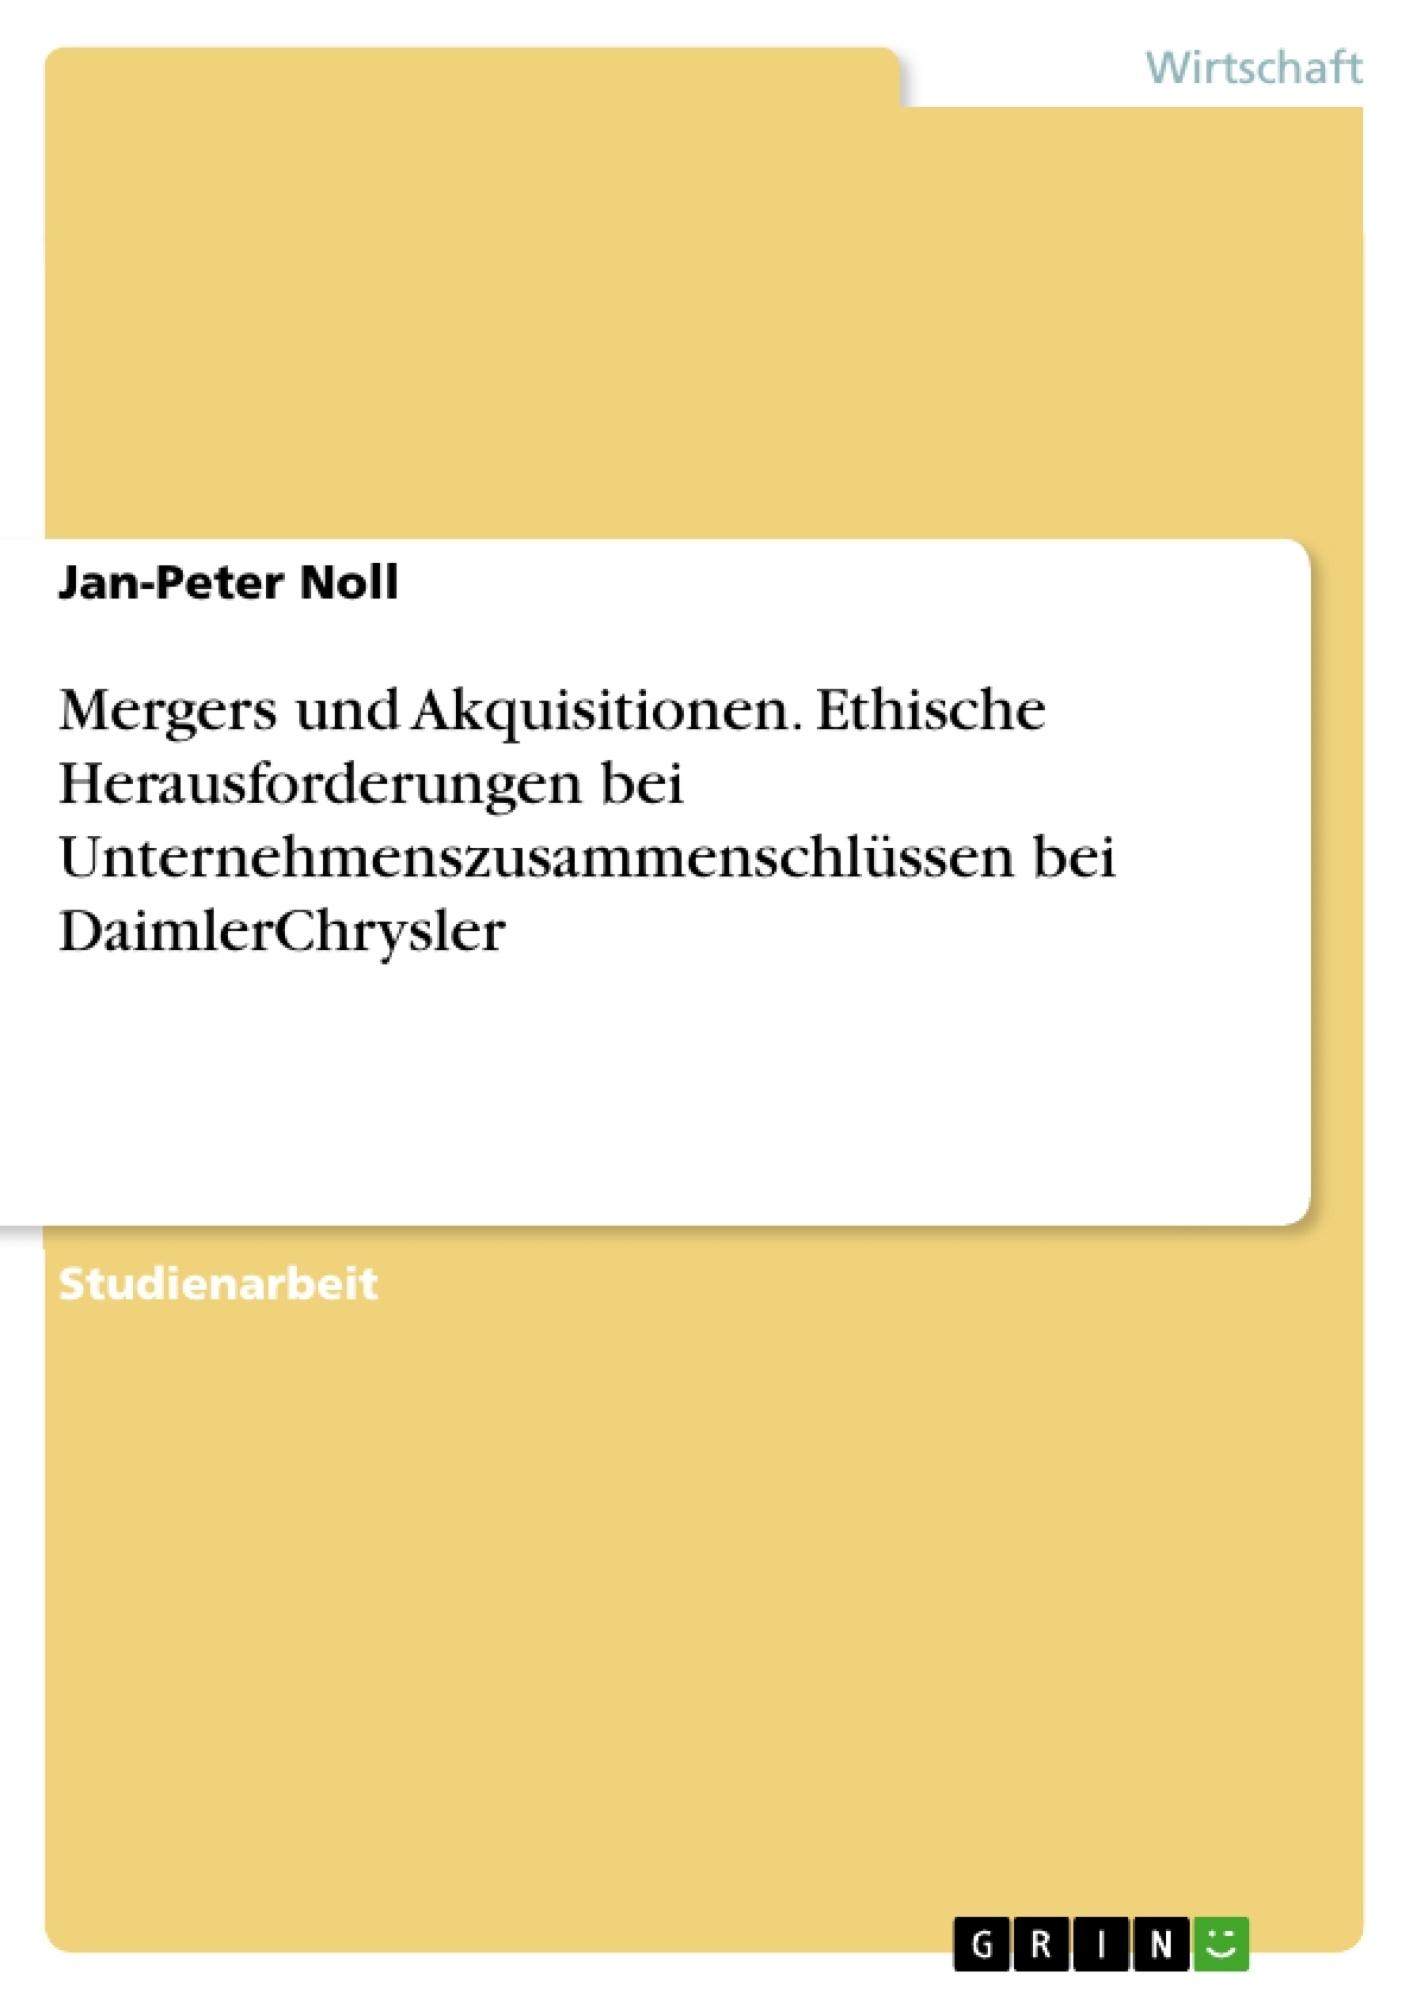 Titel: Mergers und Akquisitionen. Ethische Herausforderungen bei Unternehmenszusammenschlüssen bei DaimlerChrysler